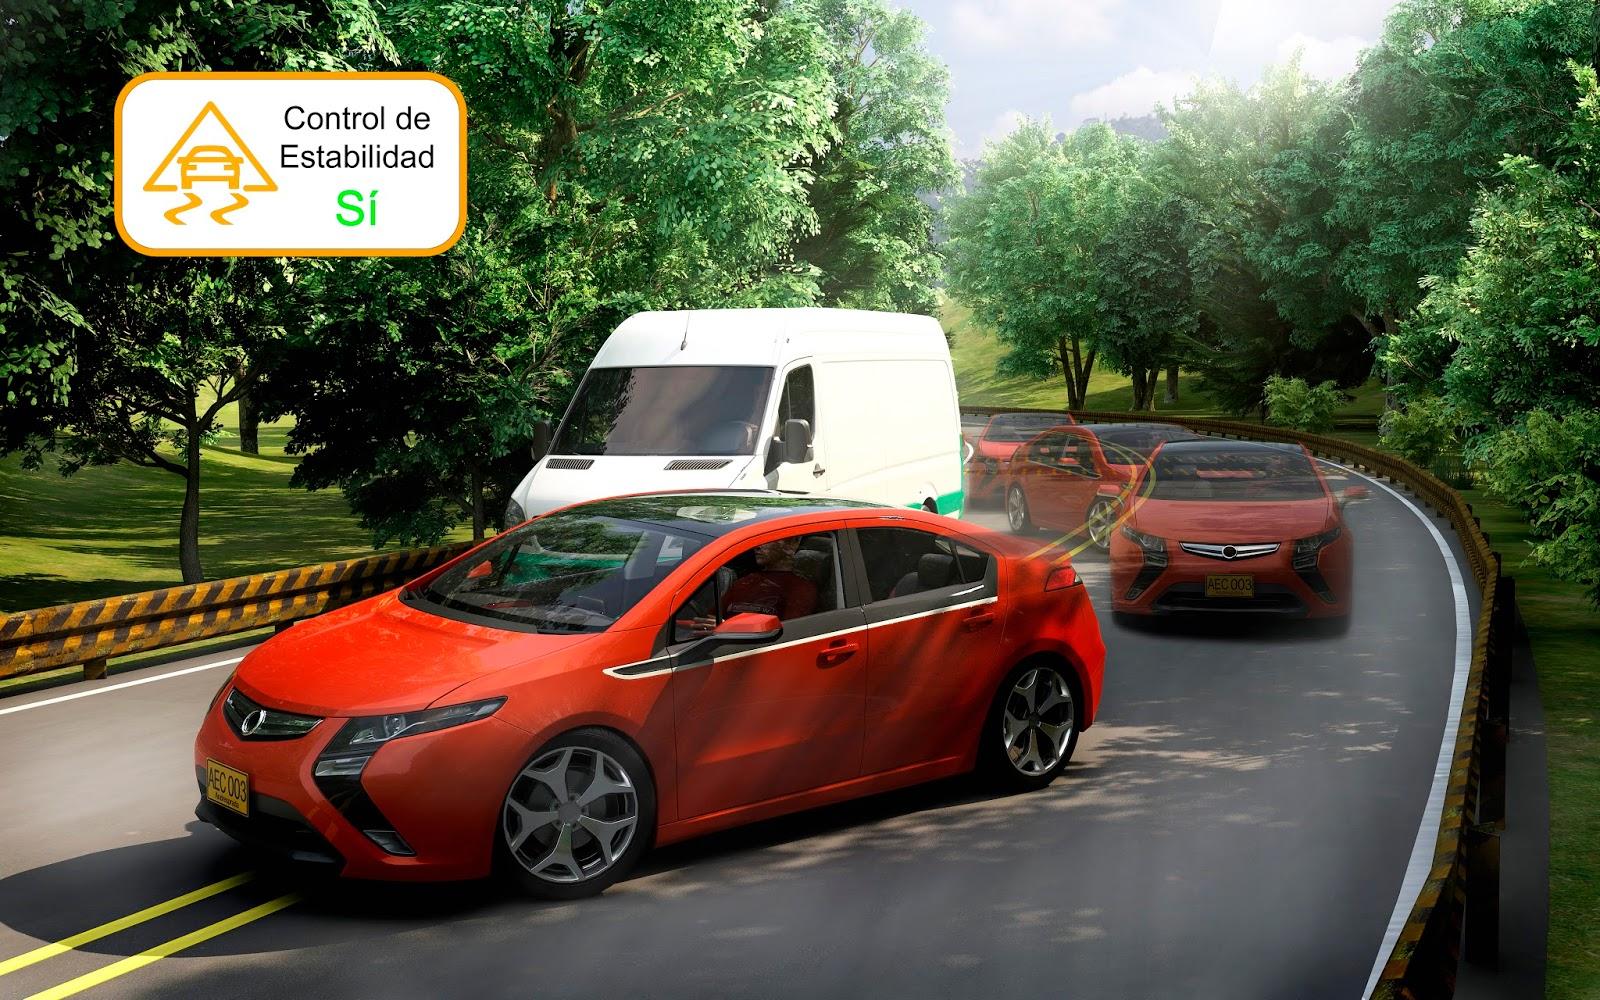 Se puede instalar control de estabilidad a un auto